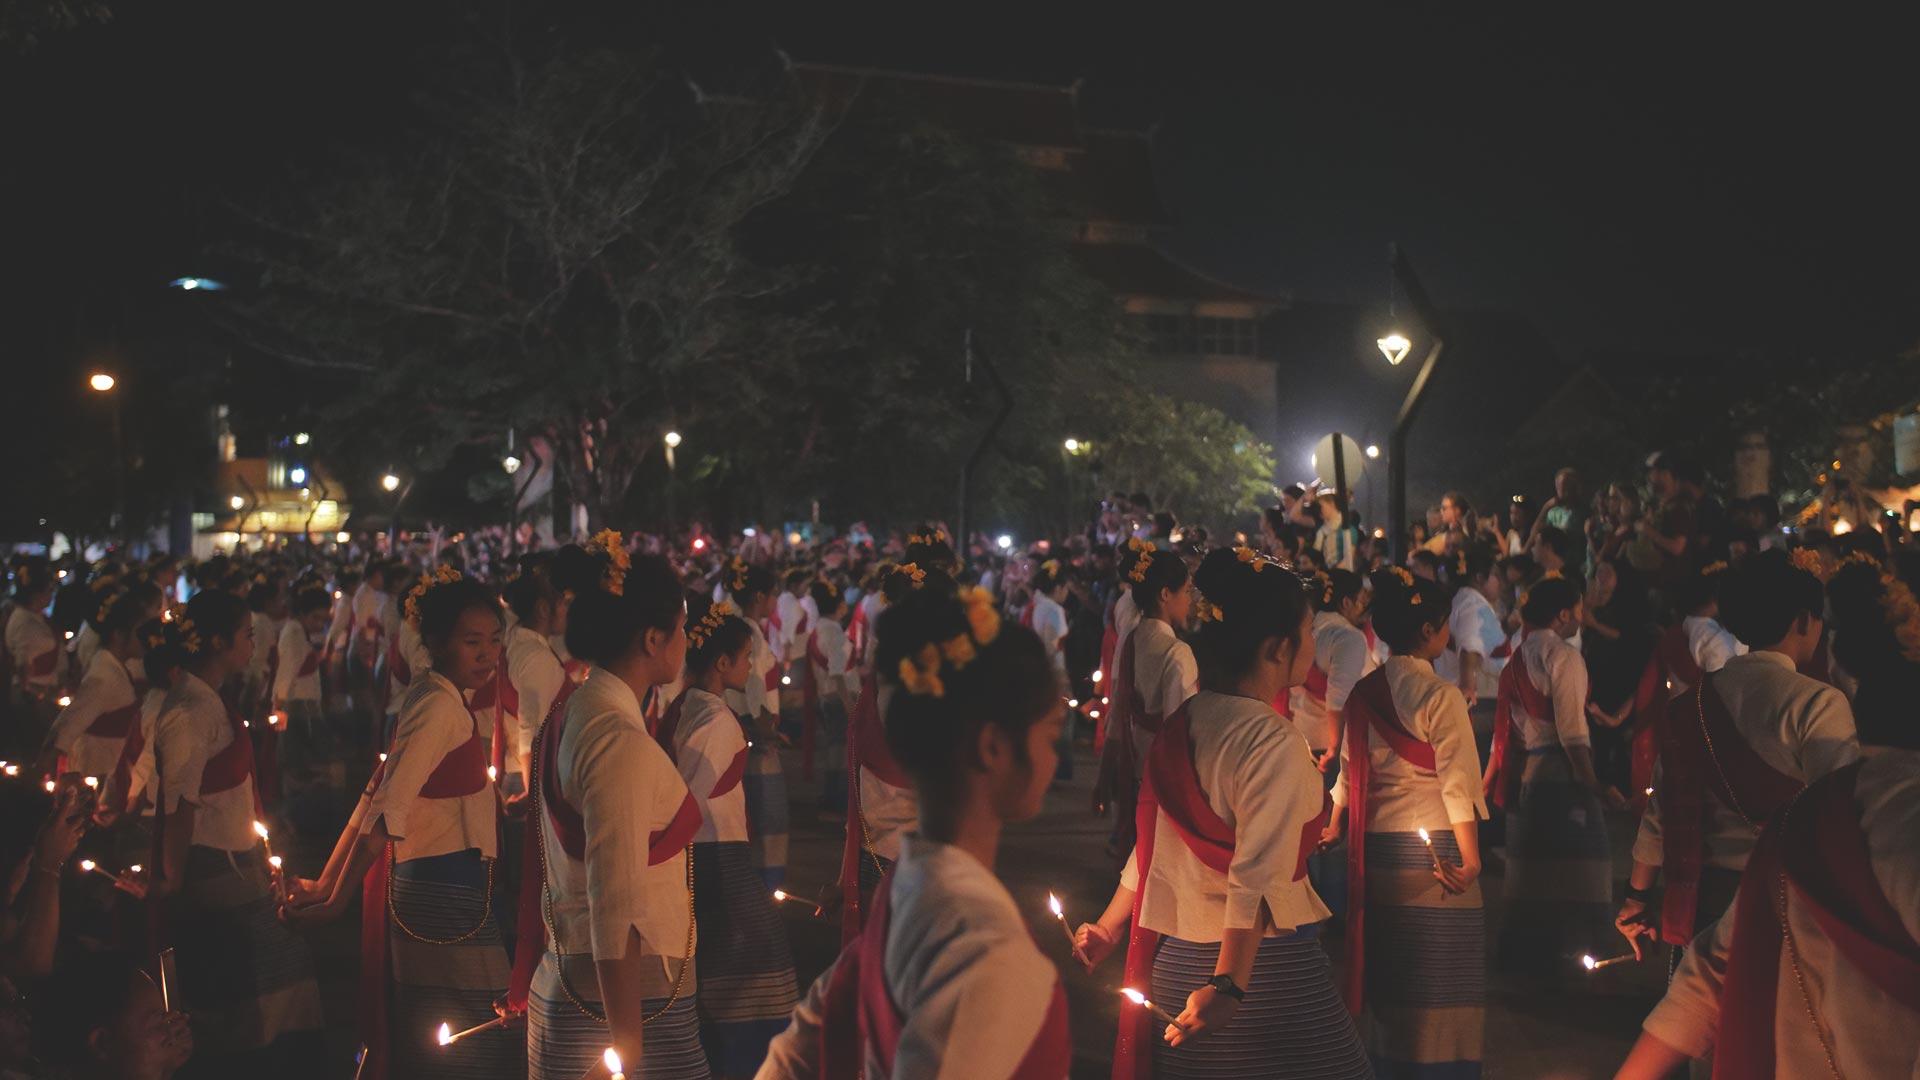 Loy Krathong Festival - Traditionell gekleidete Thailänderinnen in einer Zeremonie mit Kerzen